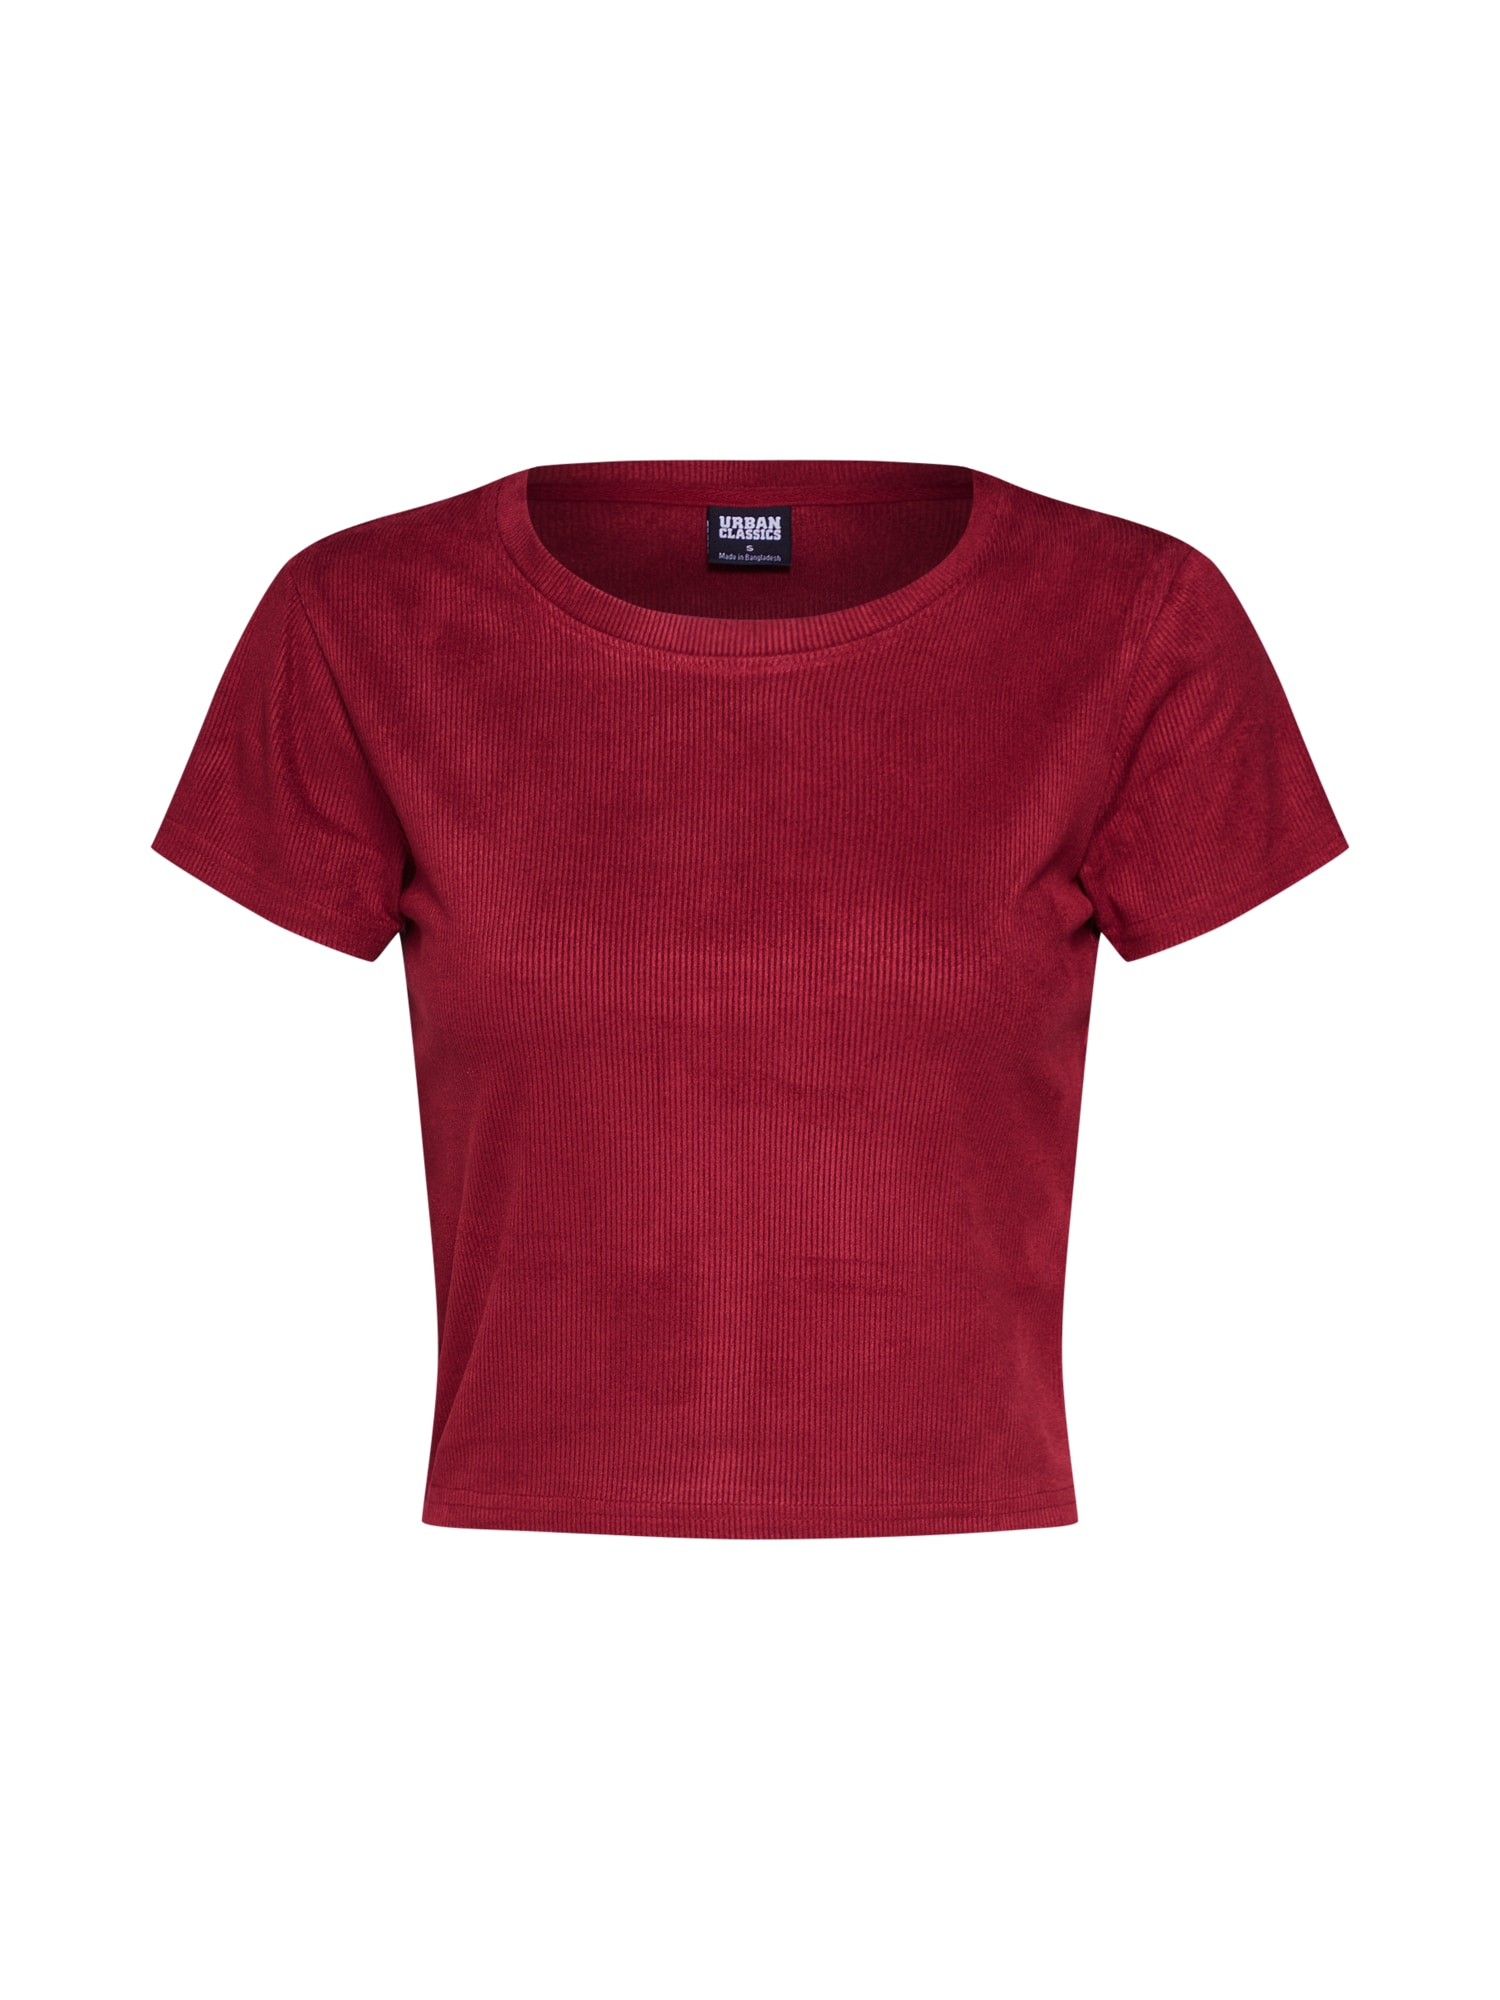 Urban Classics Marškinėliai